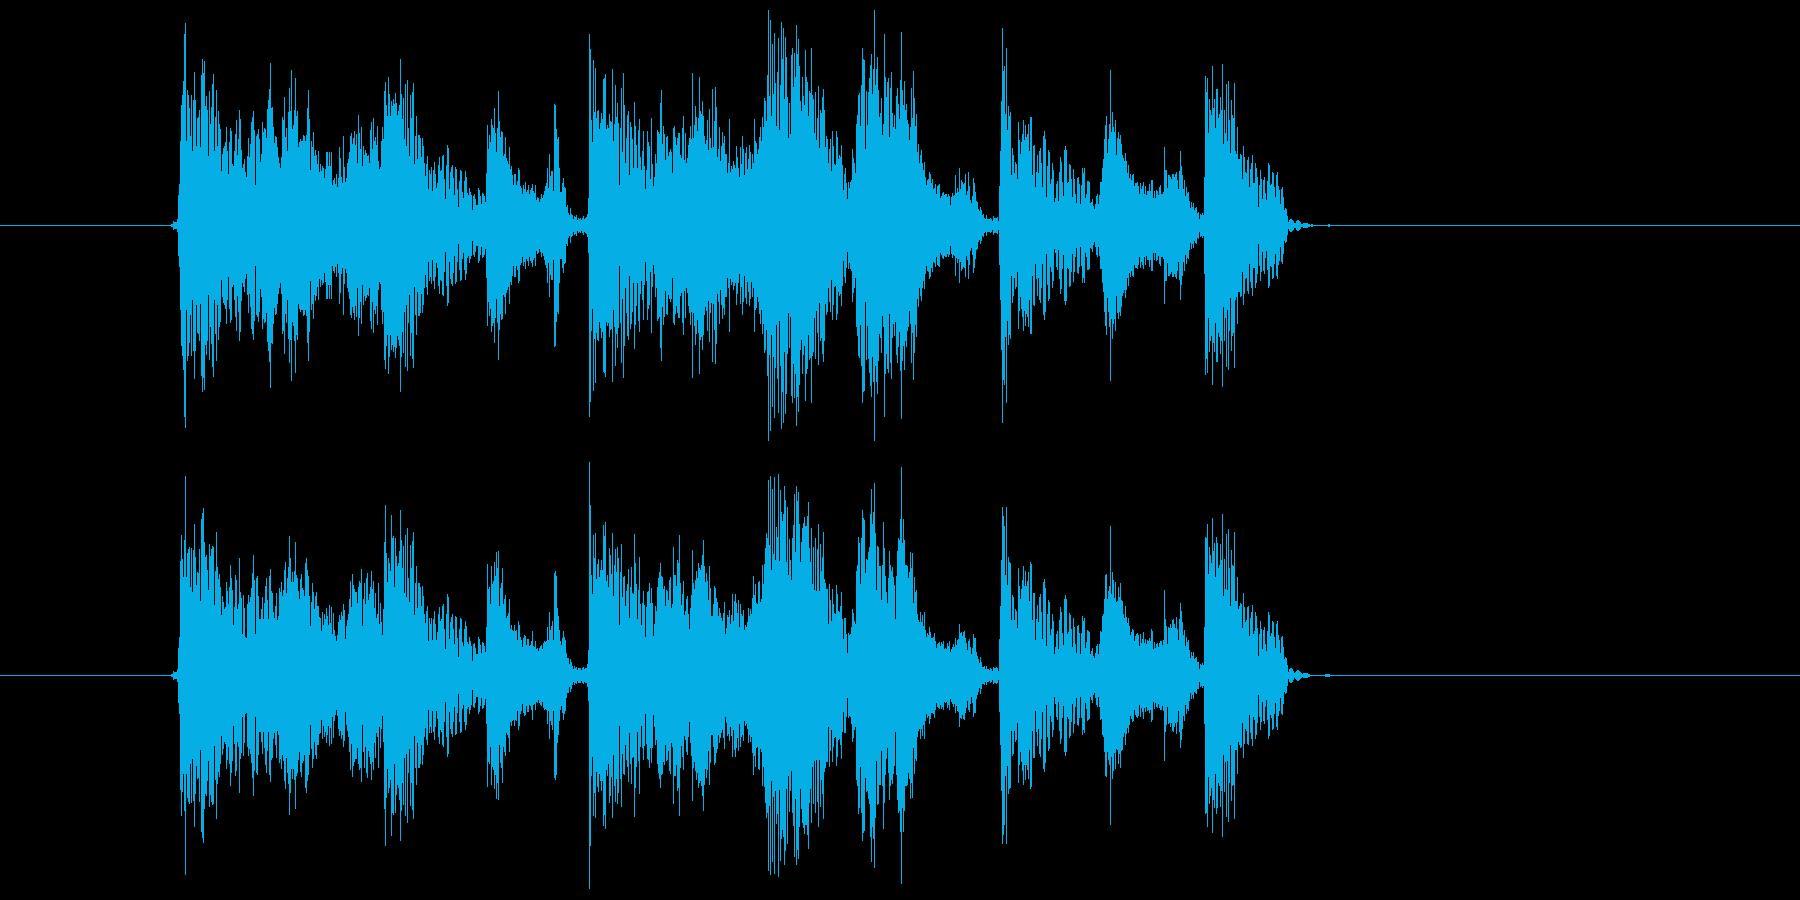 シュビドゥパパ(コミカル、ボイス音)の再生済みの波形